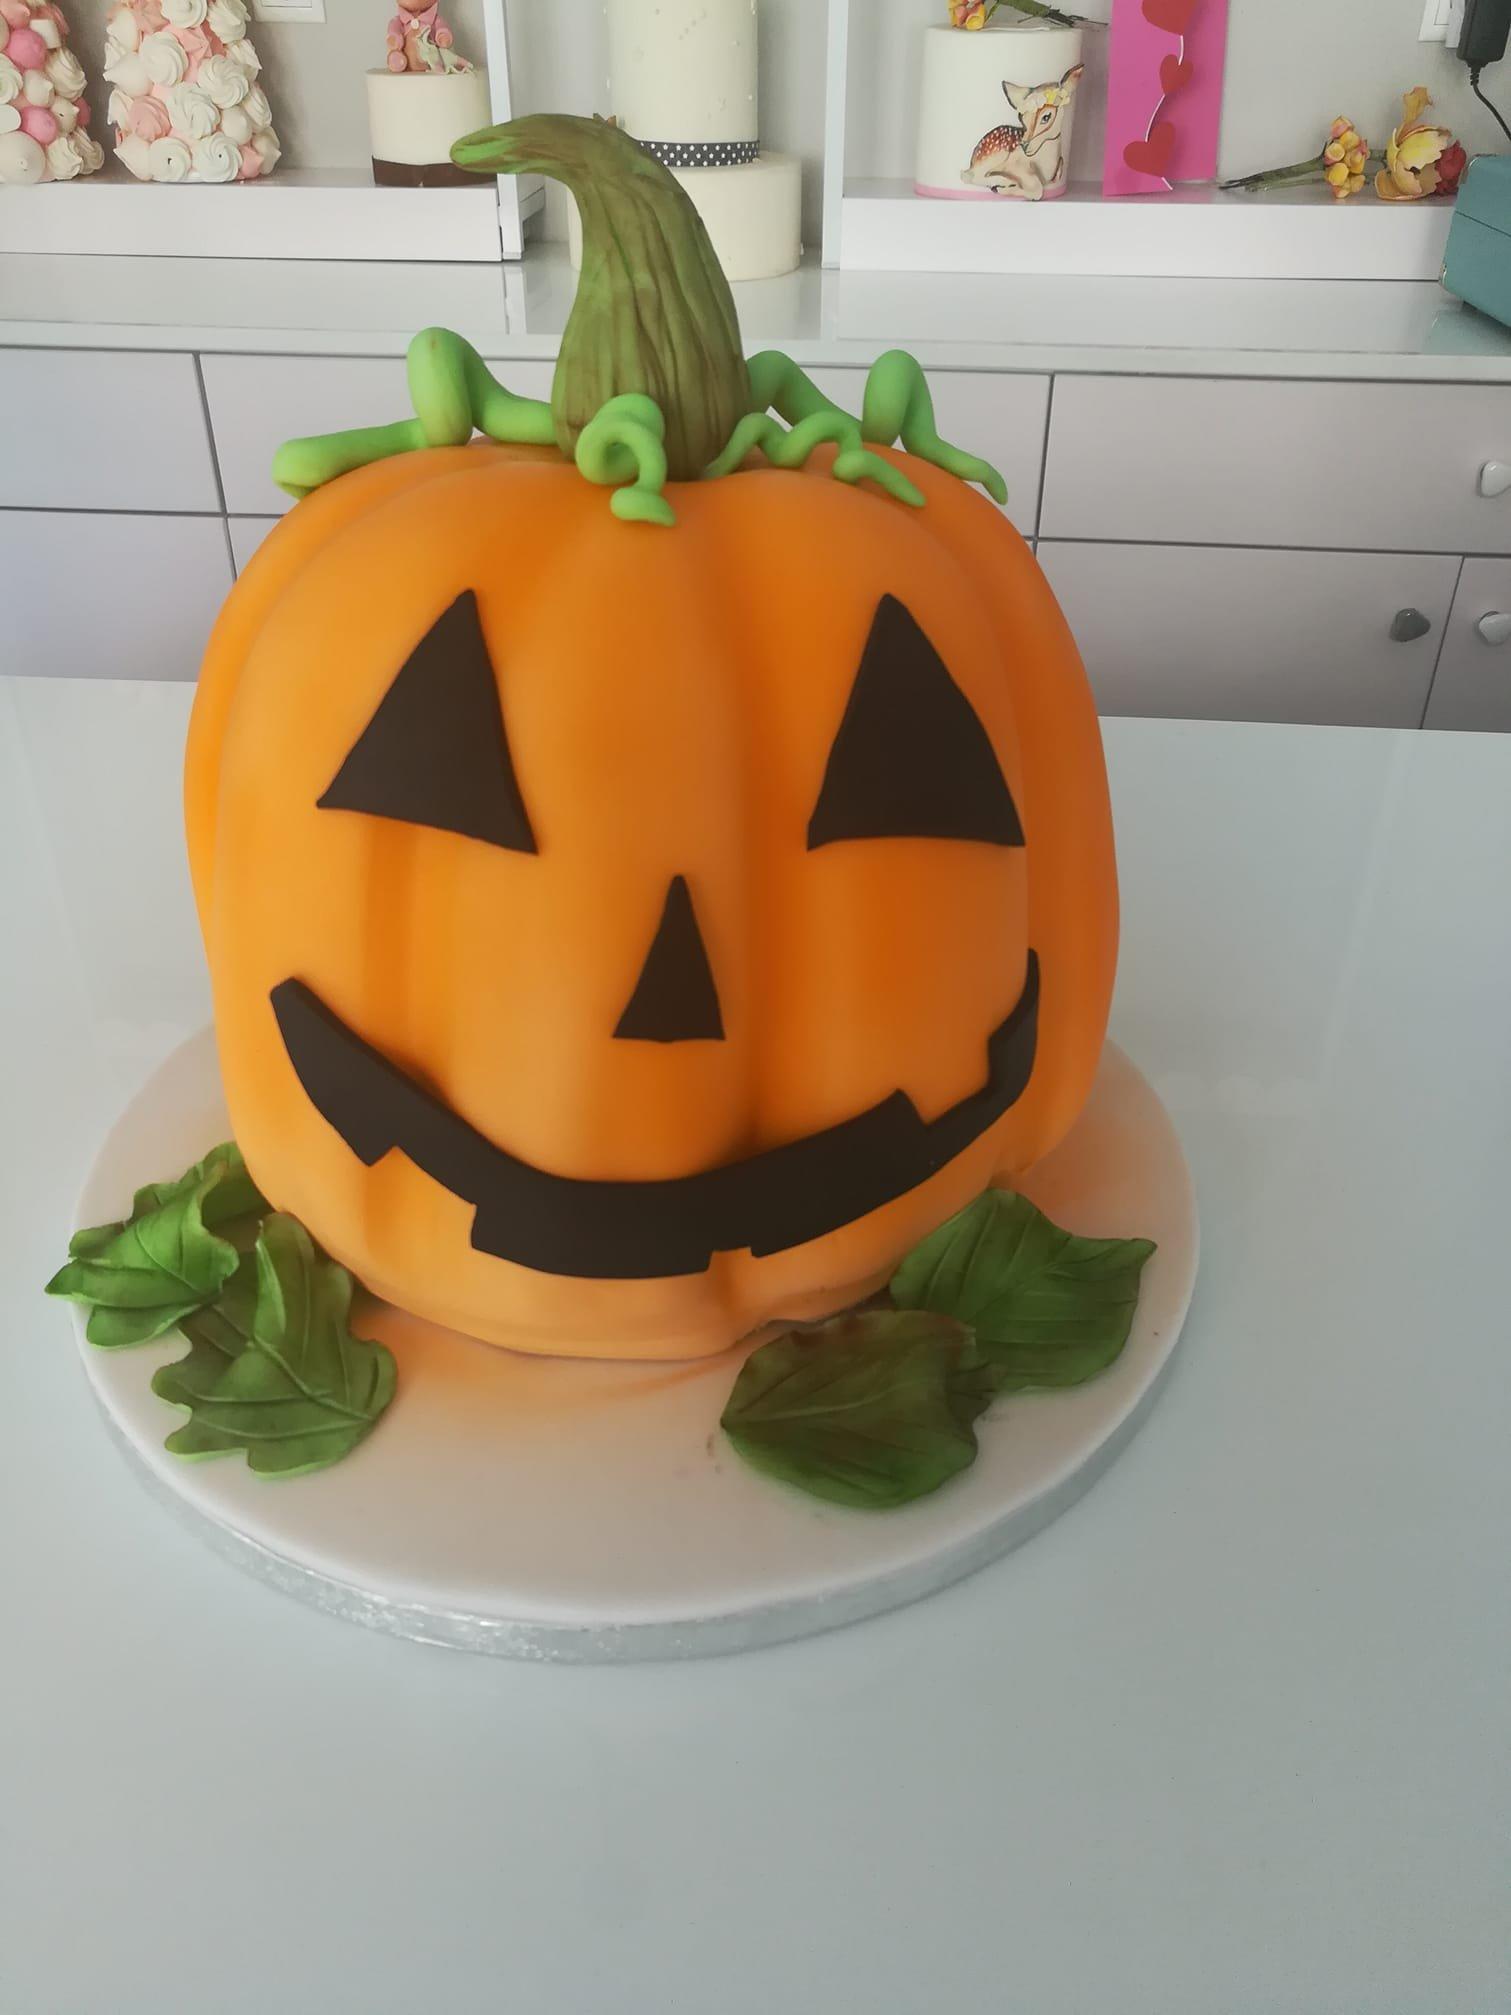 τούρτα από ζαχαρόπαστα αποκριατικη κολοκύθα, halloween pumpkin themed cake, Ζαχαροπλαστεία στη Καλαμάτα madame charlotte, τούρτες γεννεθλίων γάμου βάπτησης παιδικές θεματικές birthday theme party cake 2d 3d confectionery patisserie kalamata